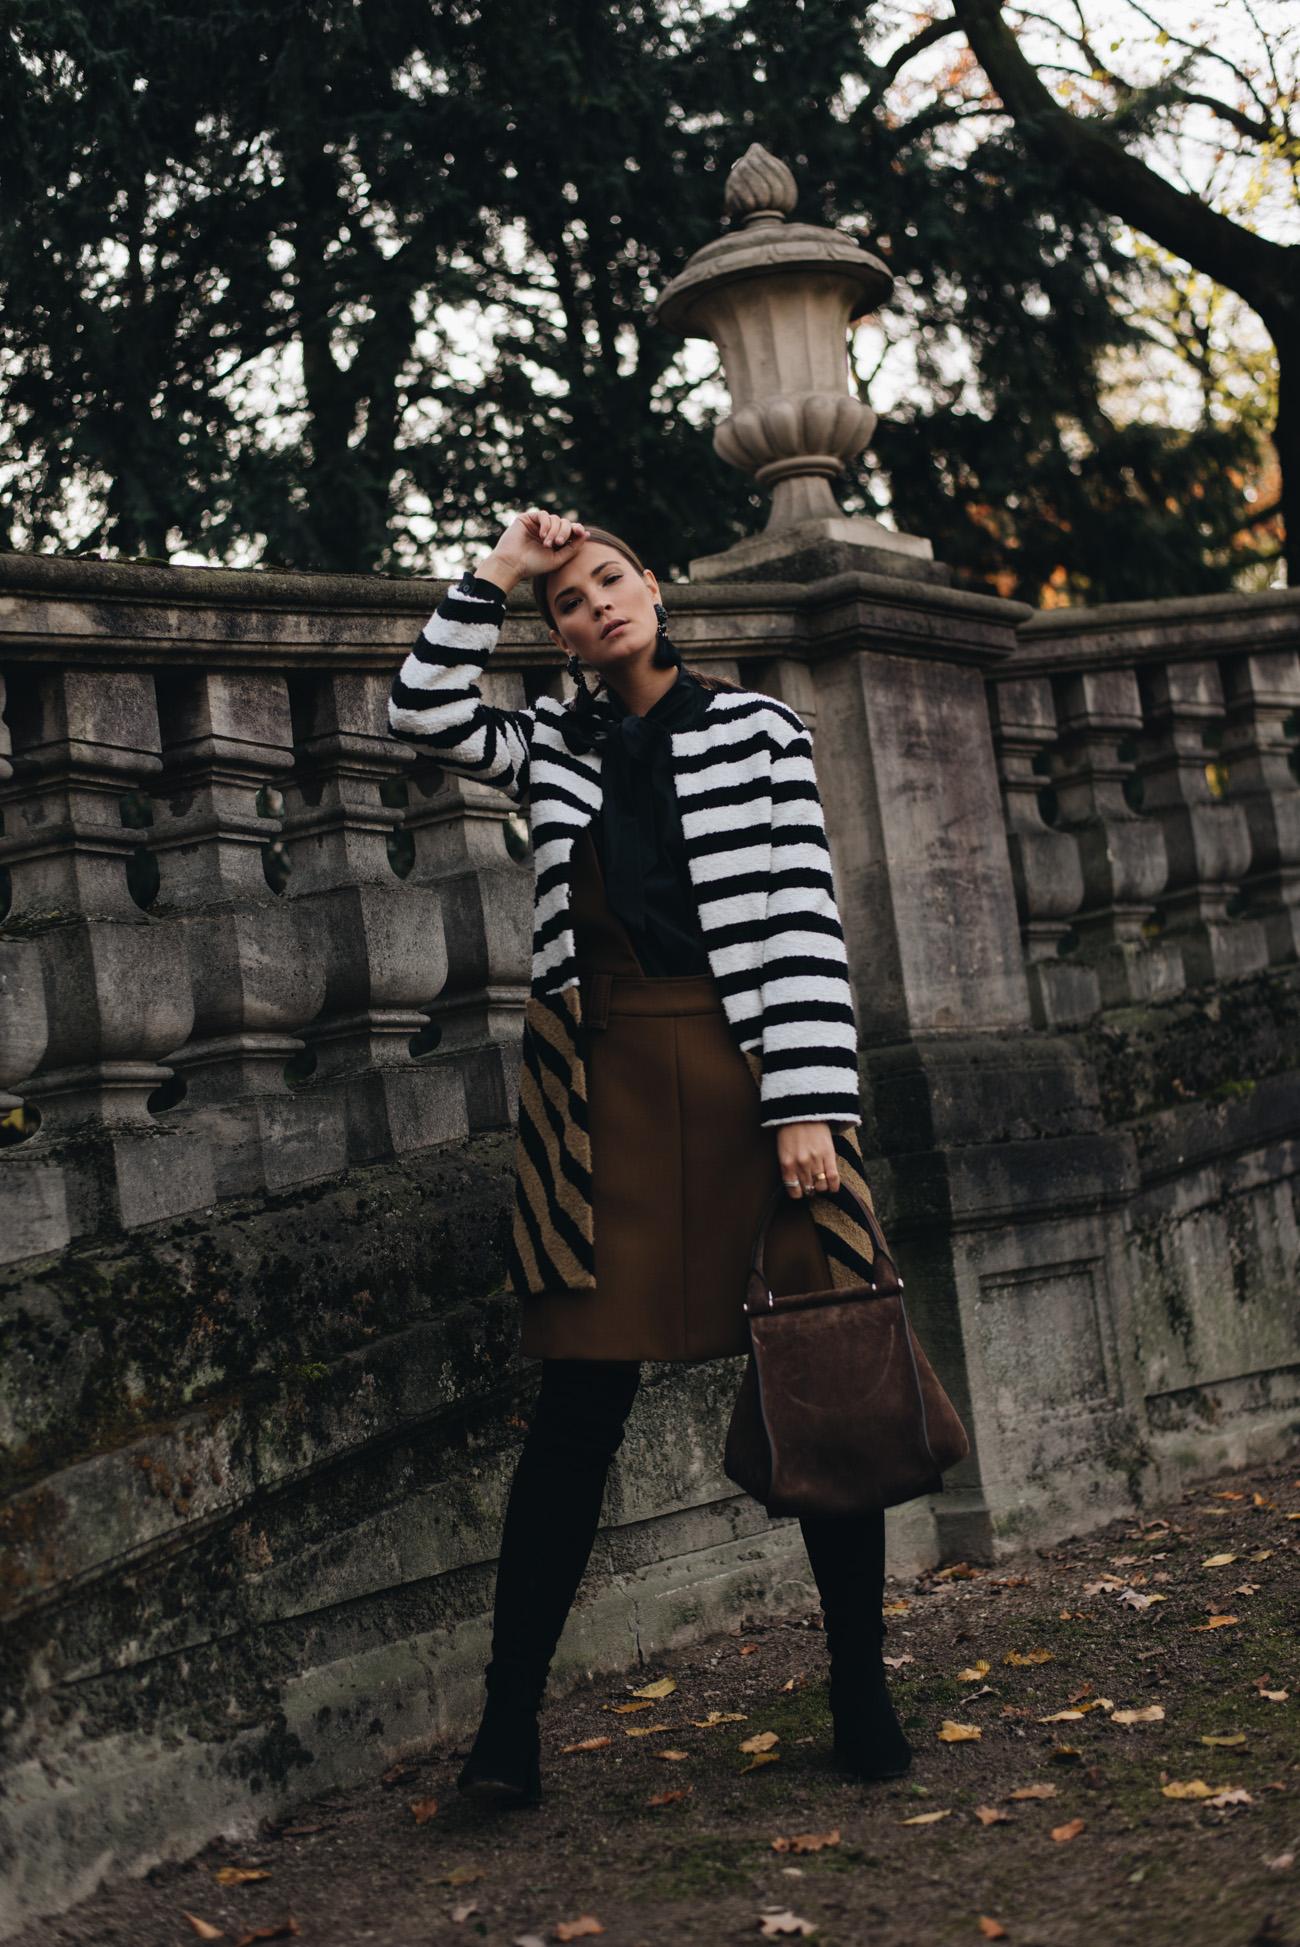 Nina-Schwichtenberg-mode-und-beauty-bloggerin-deutschland-münchen-fashiioncarpet-festlicher-silvester-look-2017-mit-mantel-bluse-max-mara